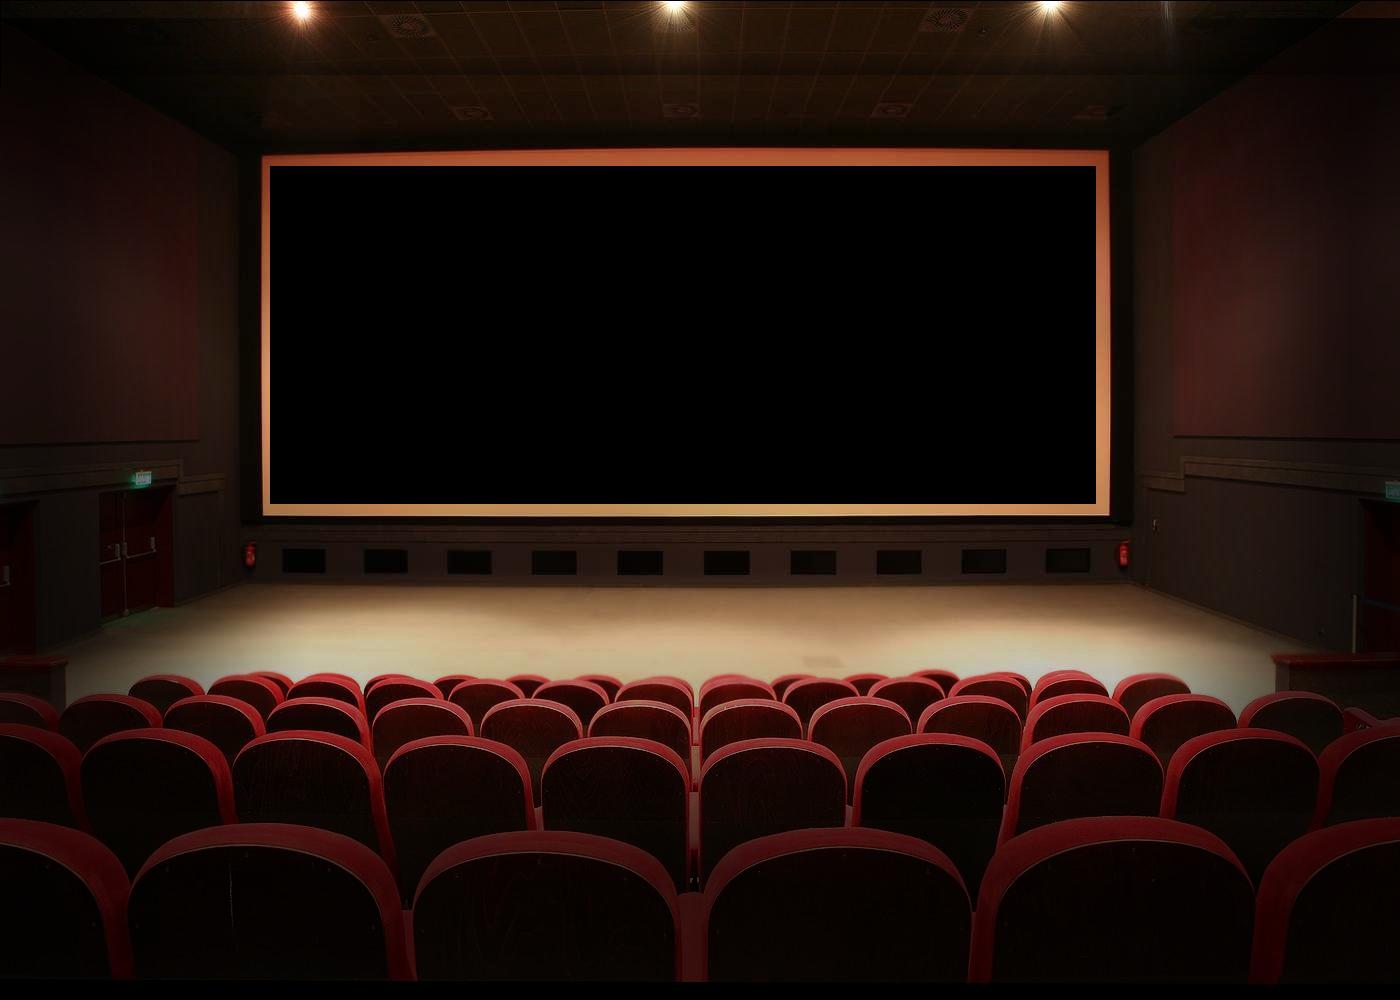 Día de cine y diversión 1